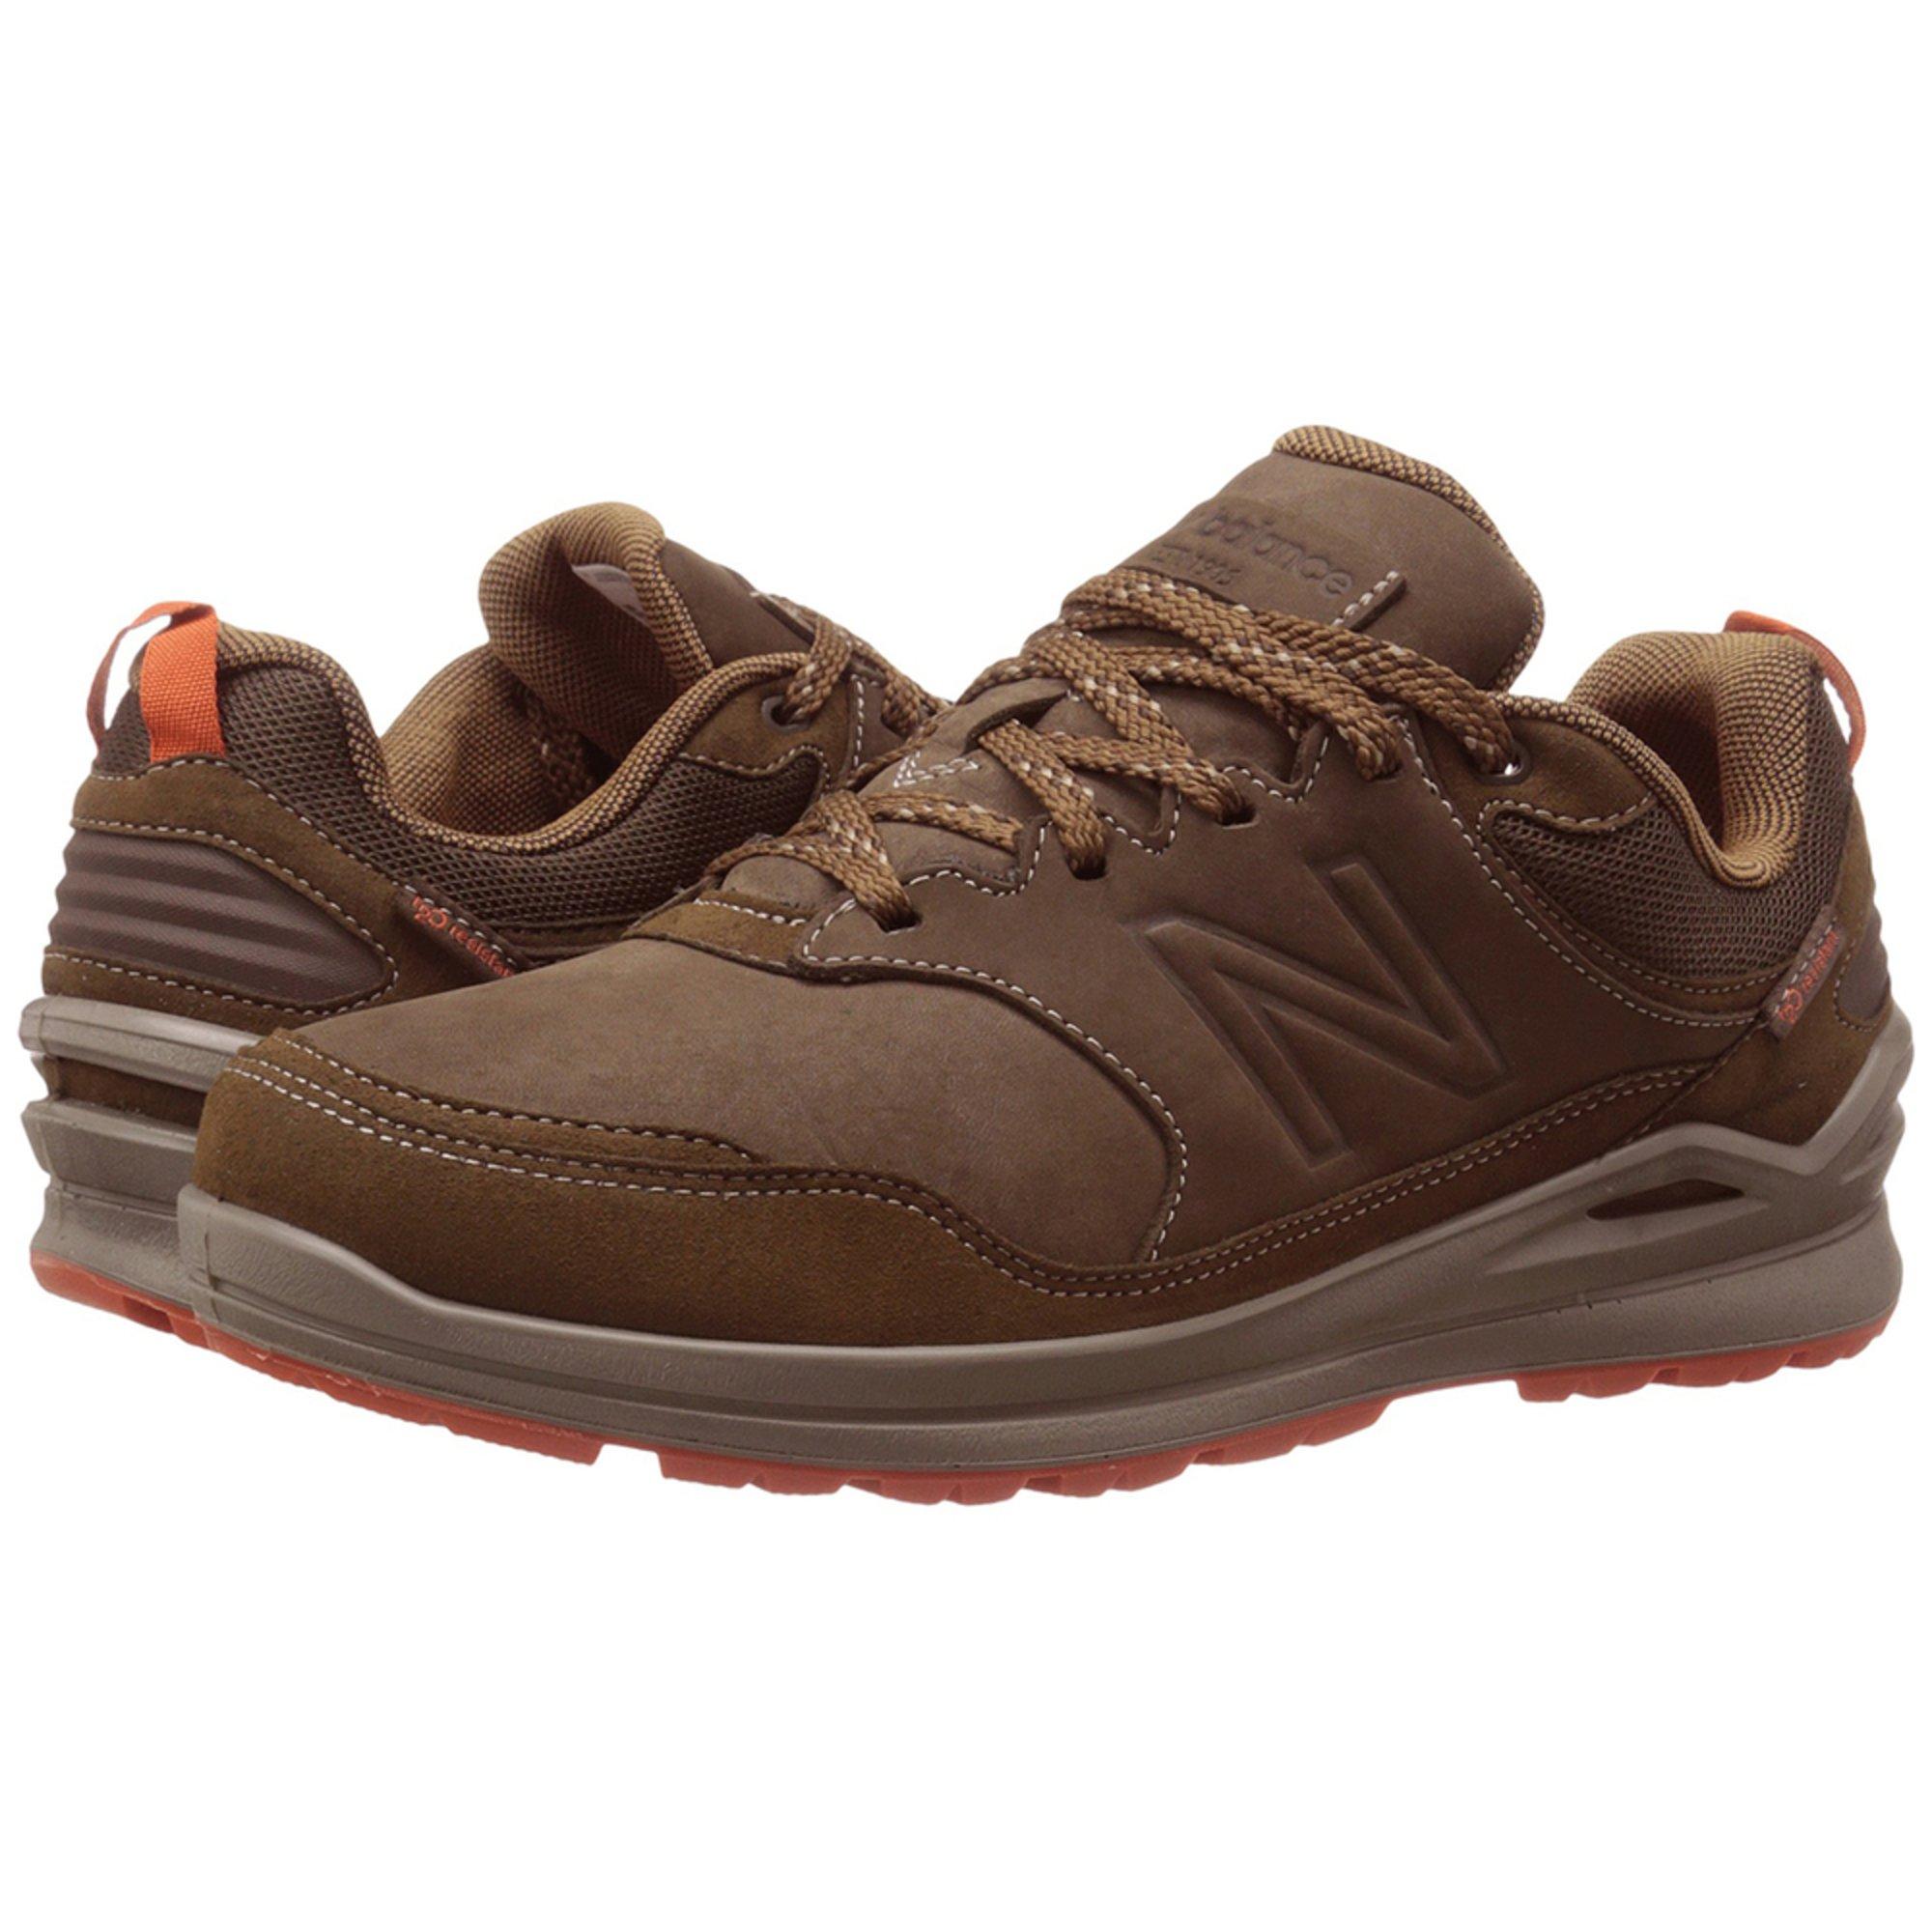 New Balance  Walking Shoes Reviews